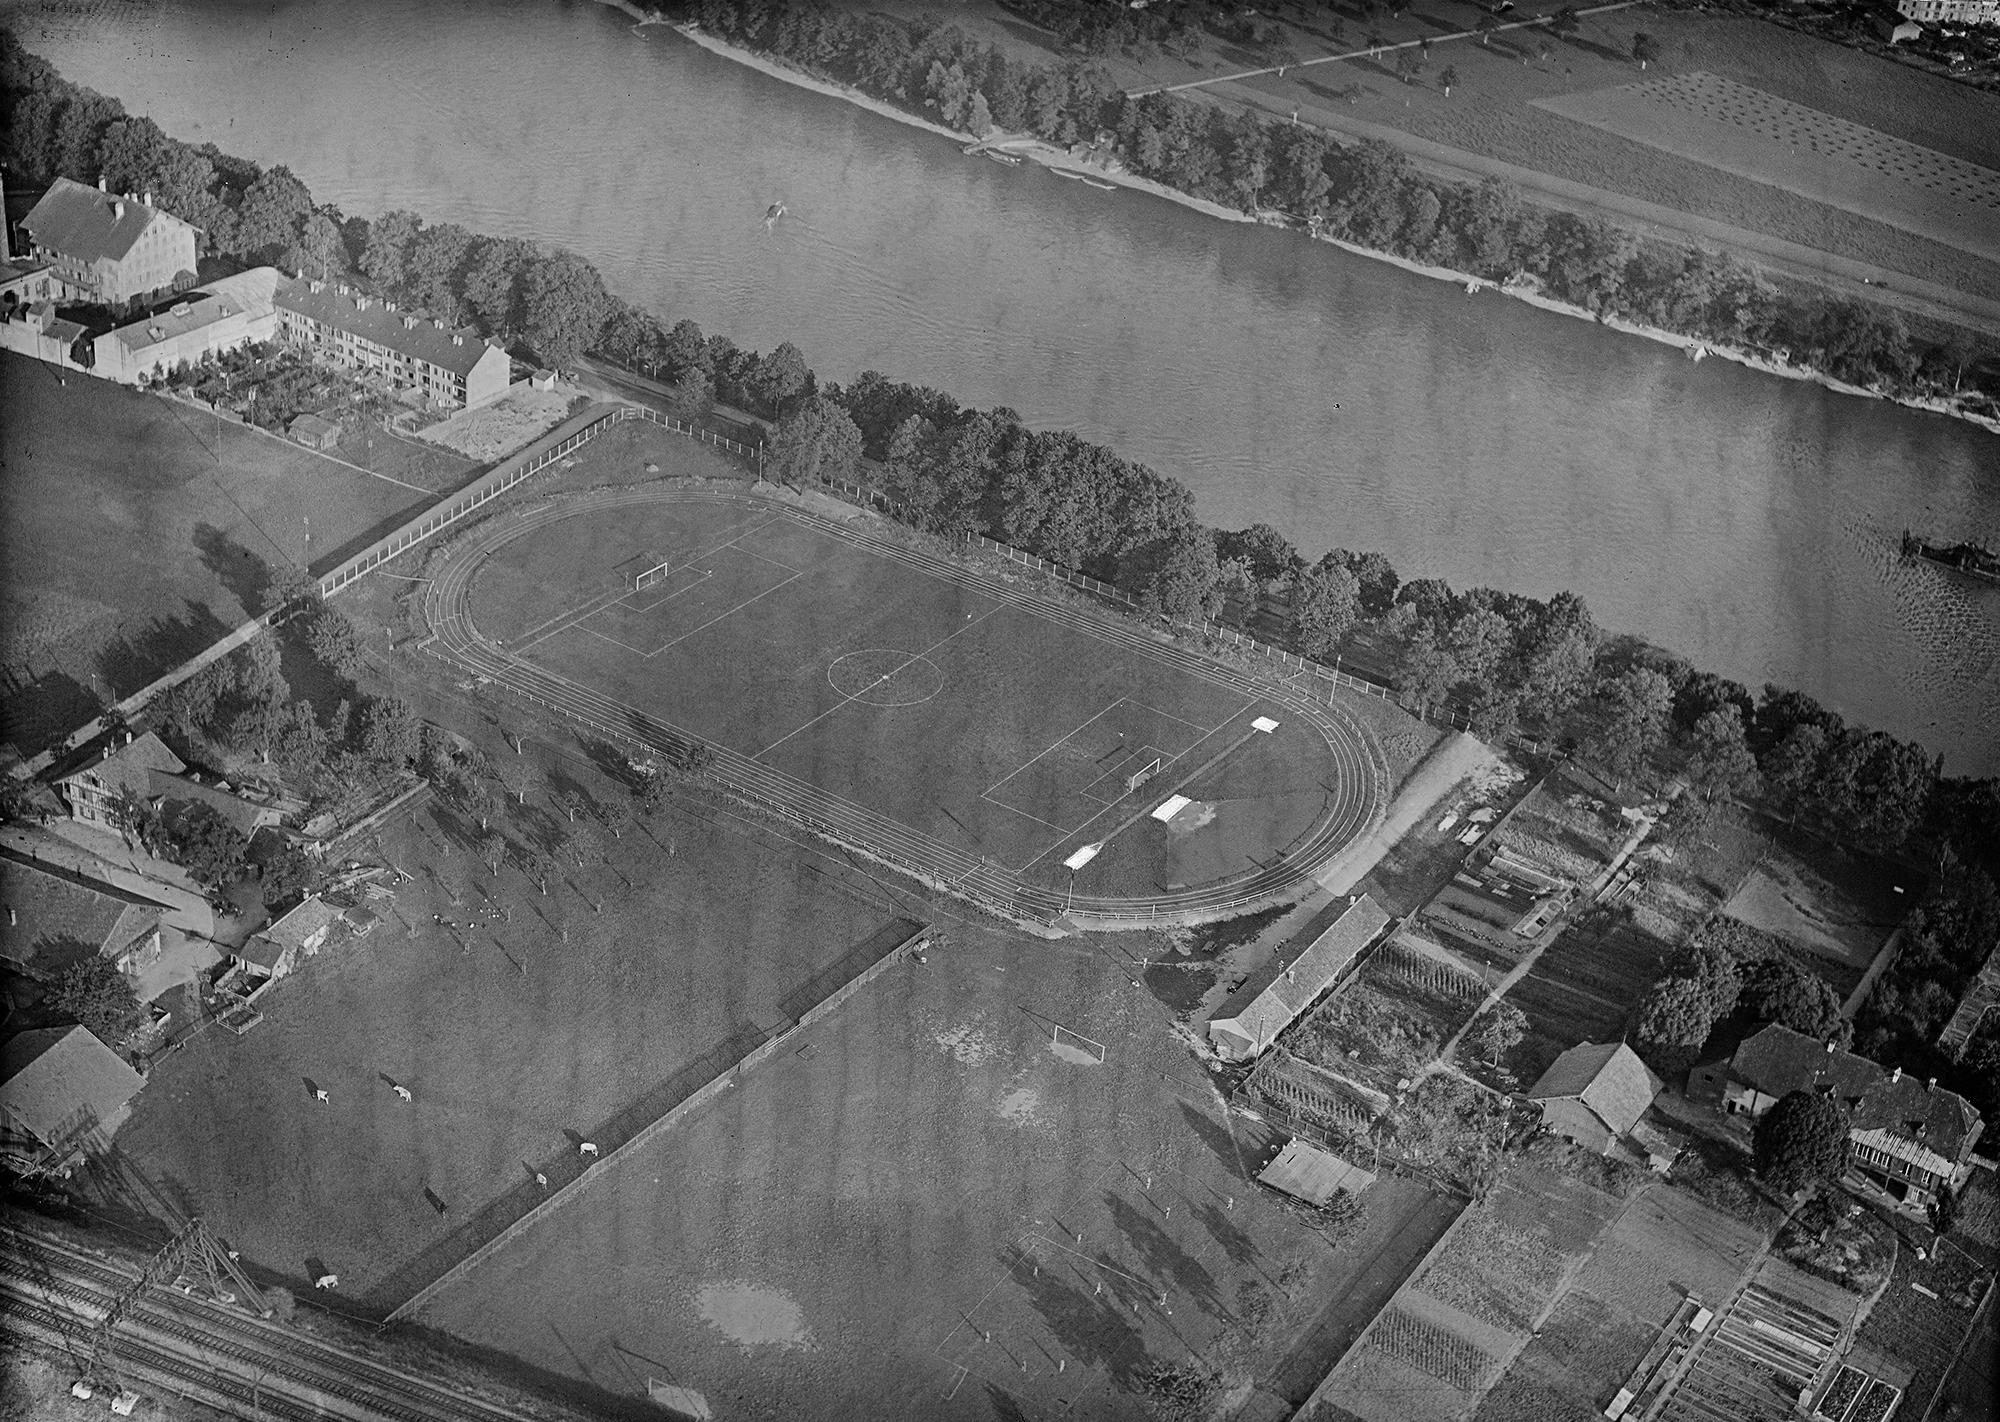 Eine Luftaufnahme des Sportplatzes Satusgrund aus dem Jahr 1933, aufgenommen während eines Flugs der Gesellschaft Balair.